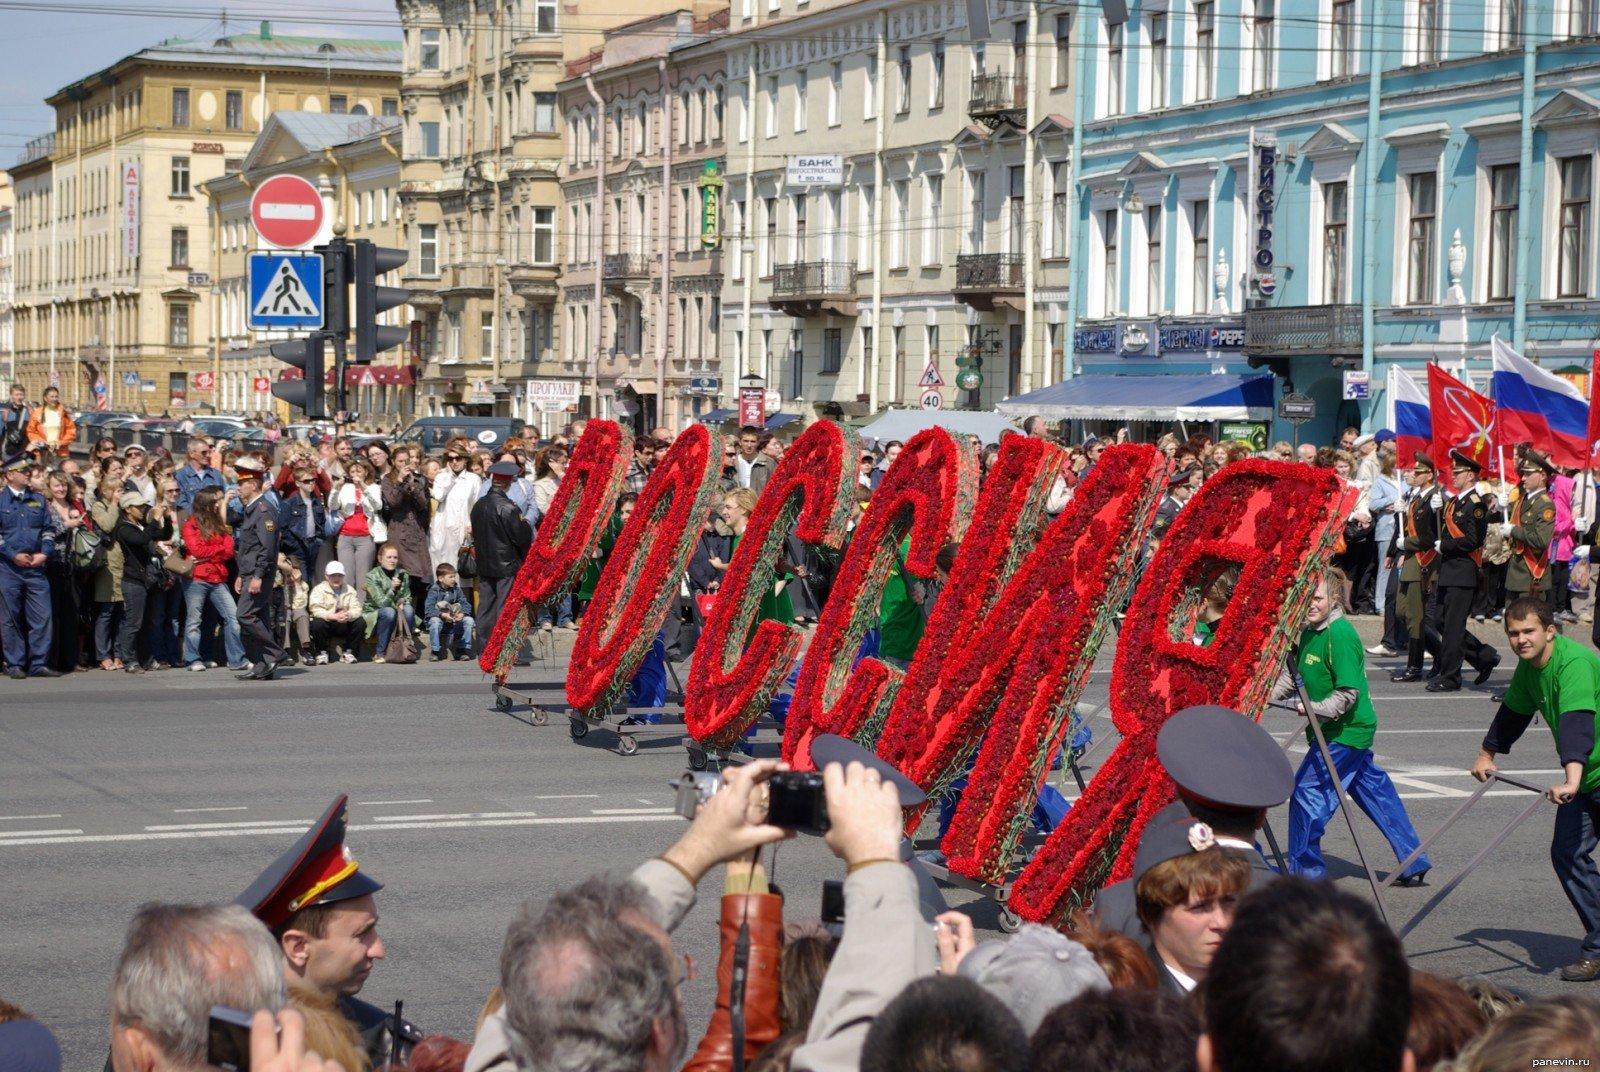 Сегодня, 7 ноября, в невском районе санкт-петербурга, в парке на пересечении ул джона рида и ул